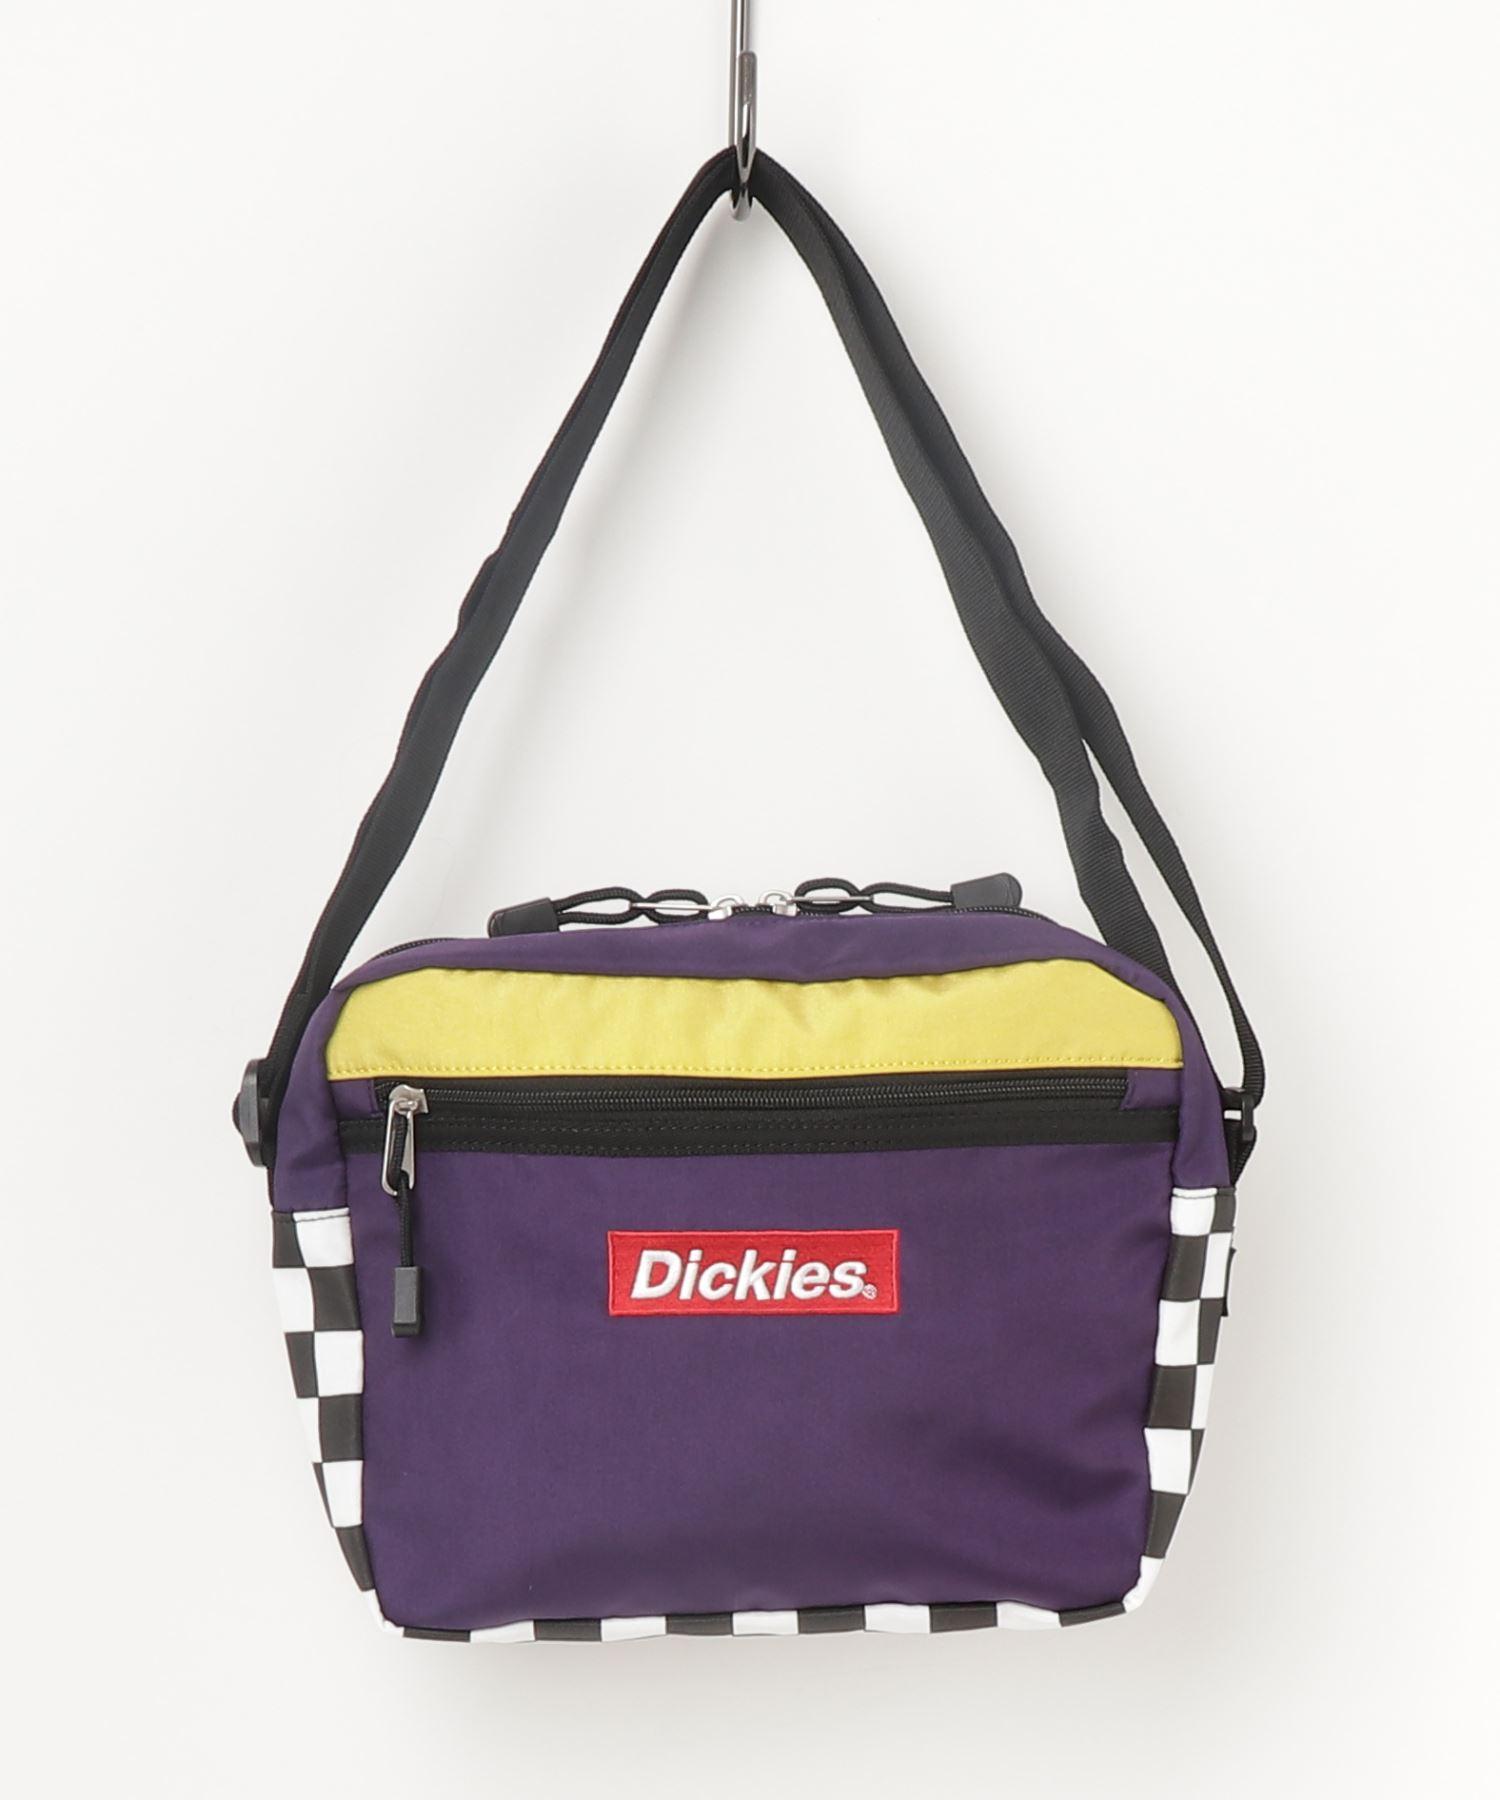 ディッキーズ Dickies / レトロチェッカーミニショルダー DK RETORO CHECKER MINI SHOULDER